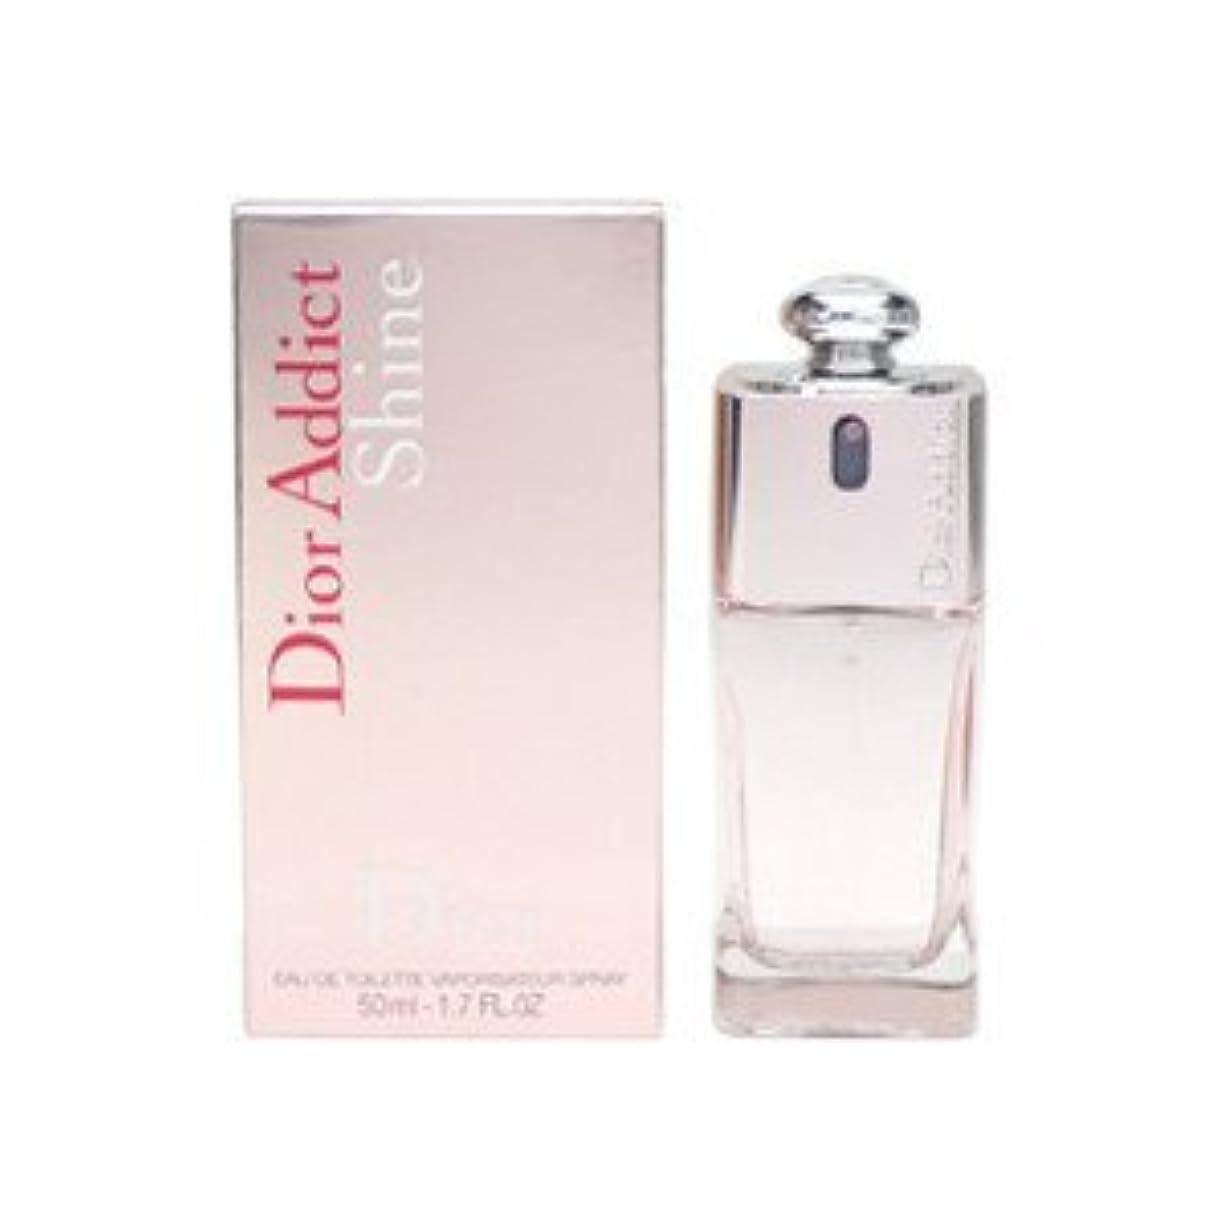 カウントスナップ無クリスチャン ディオール(Christian Dior) アディクトシャイン 50ml[並行輸入品]